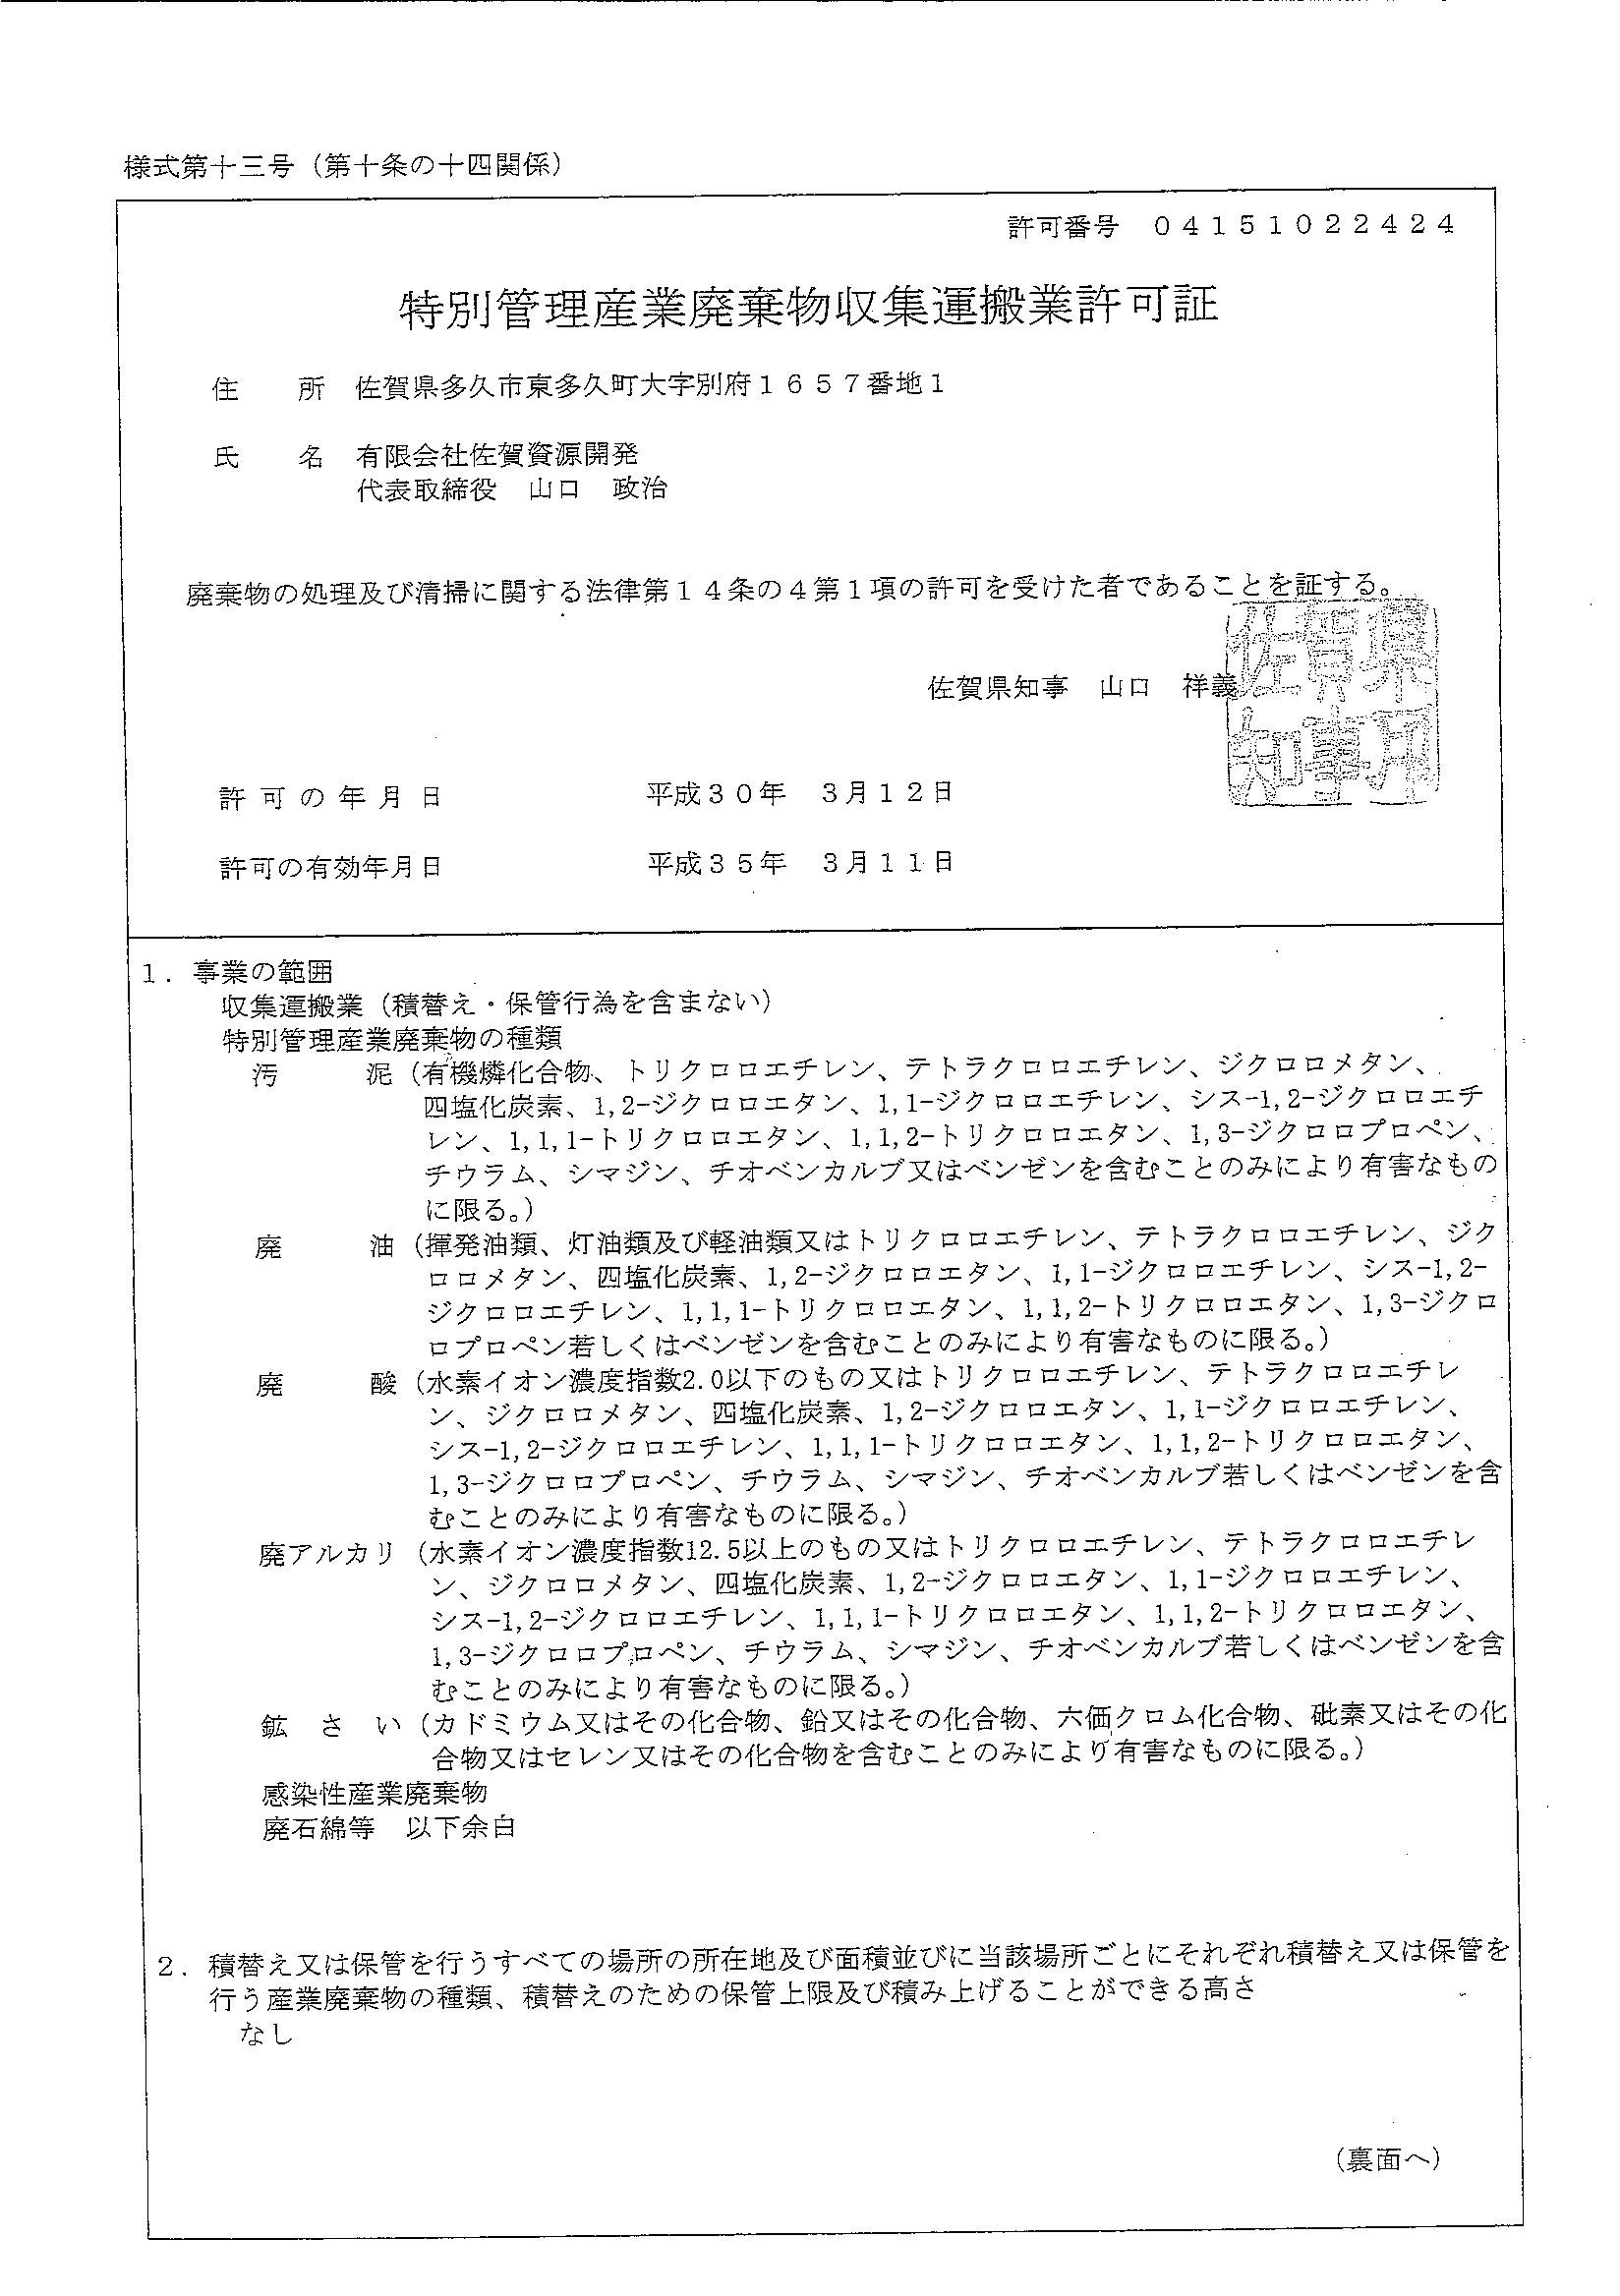 特別管理産業廃棄物収集運搬業許可証 佐賀県